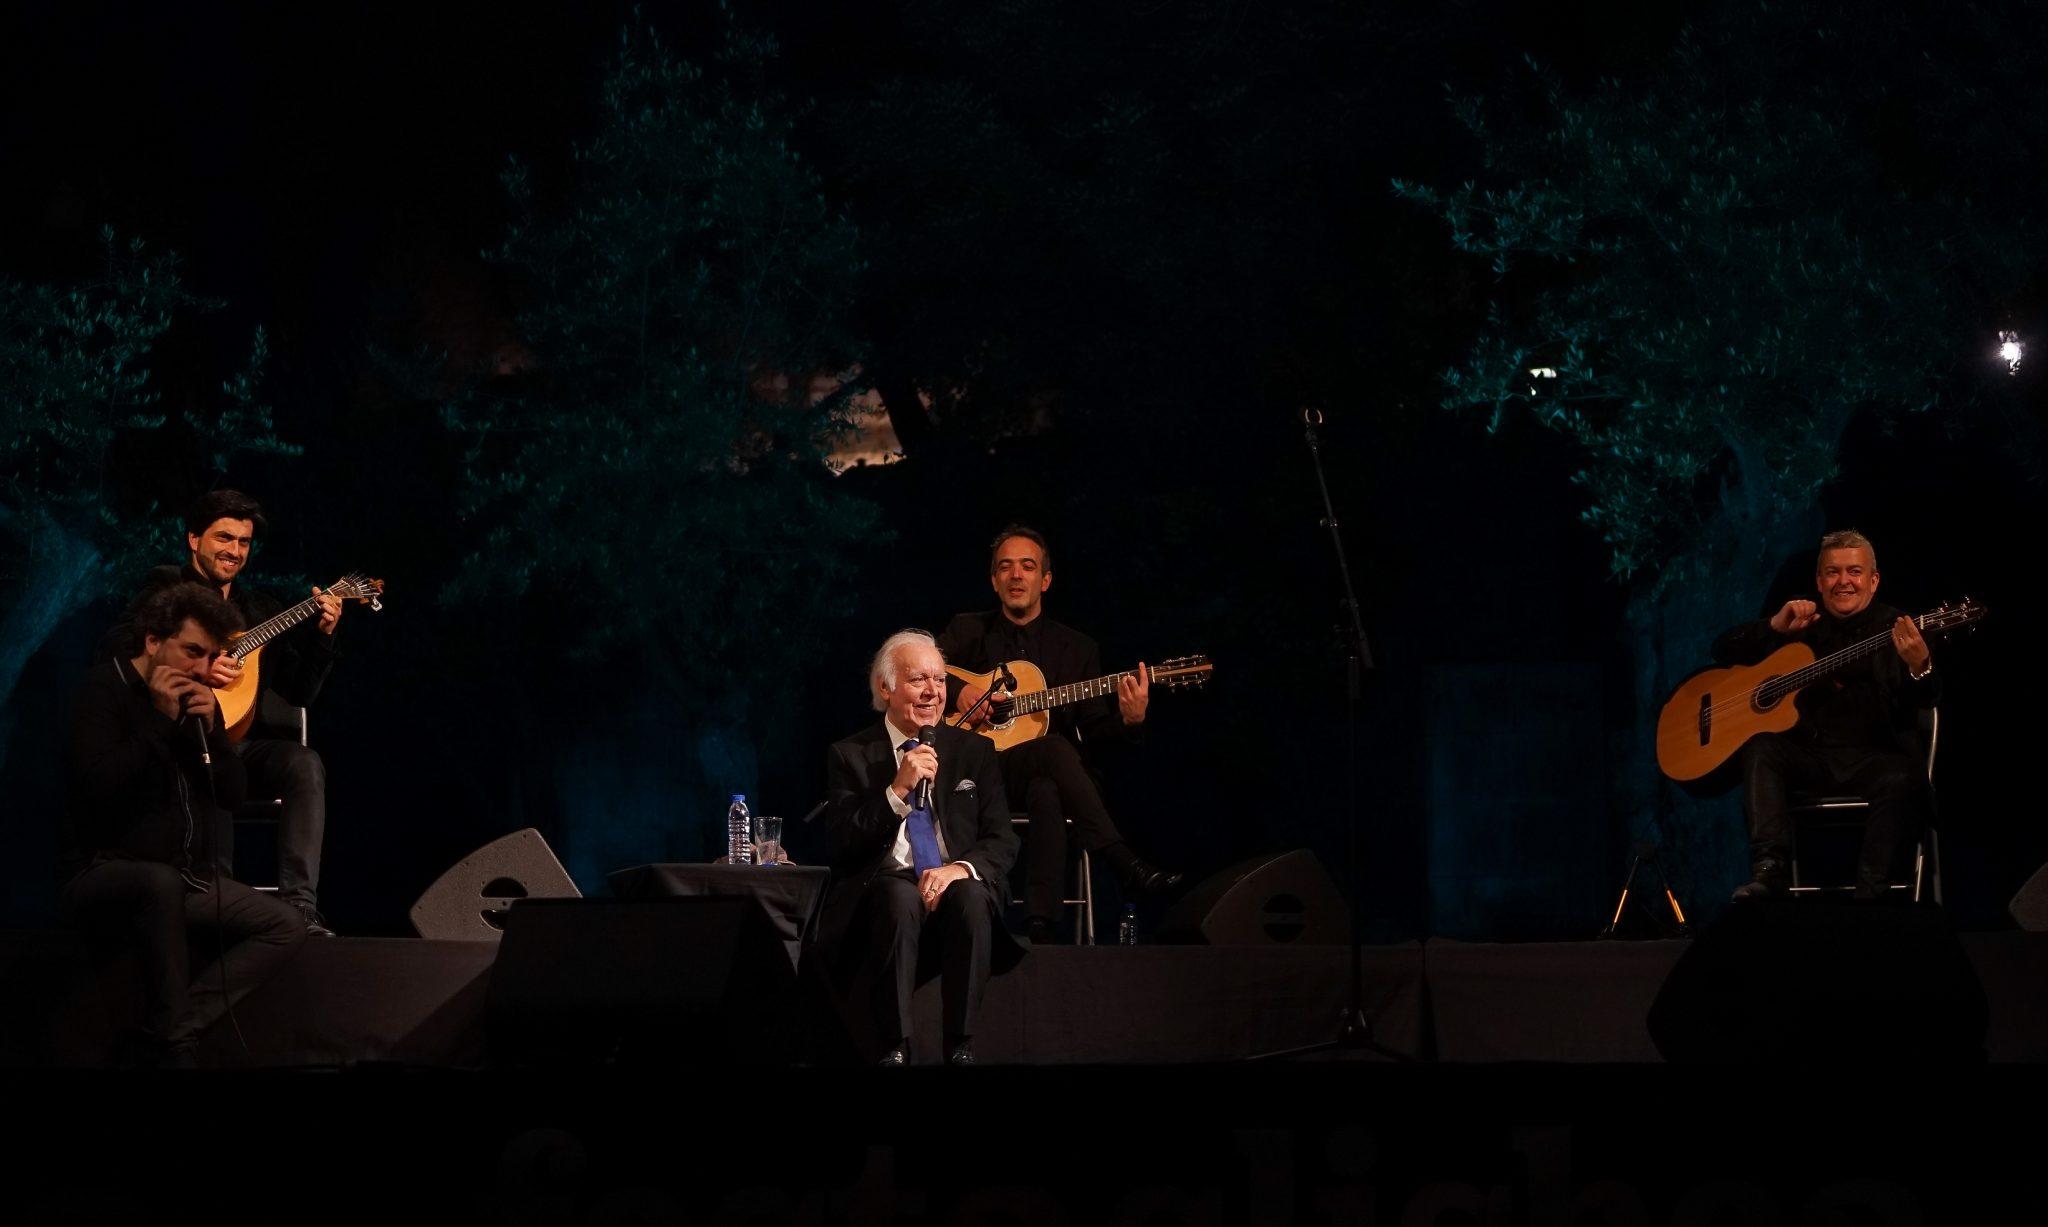 Vista do palco do concerto de Carlos do Carmo, com o fadista ao centro sentado numa cadeira, rodeado pelos músicos à esquerda e à direita.